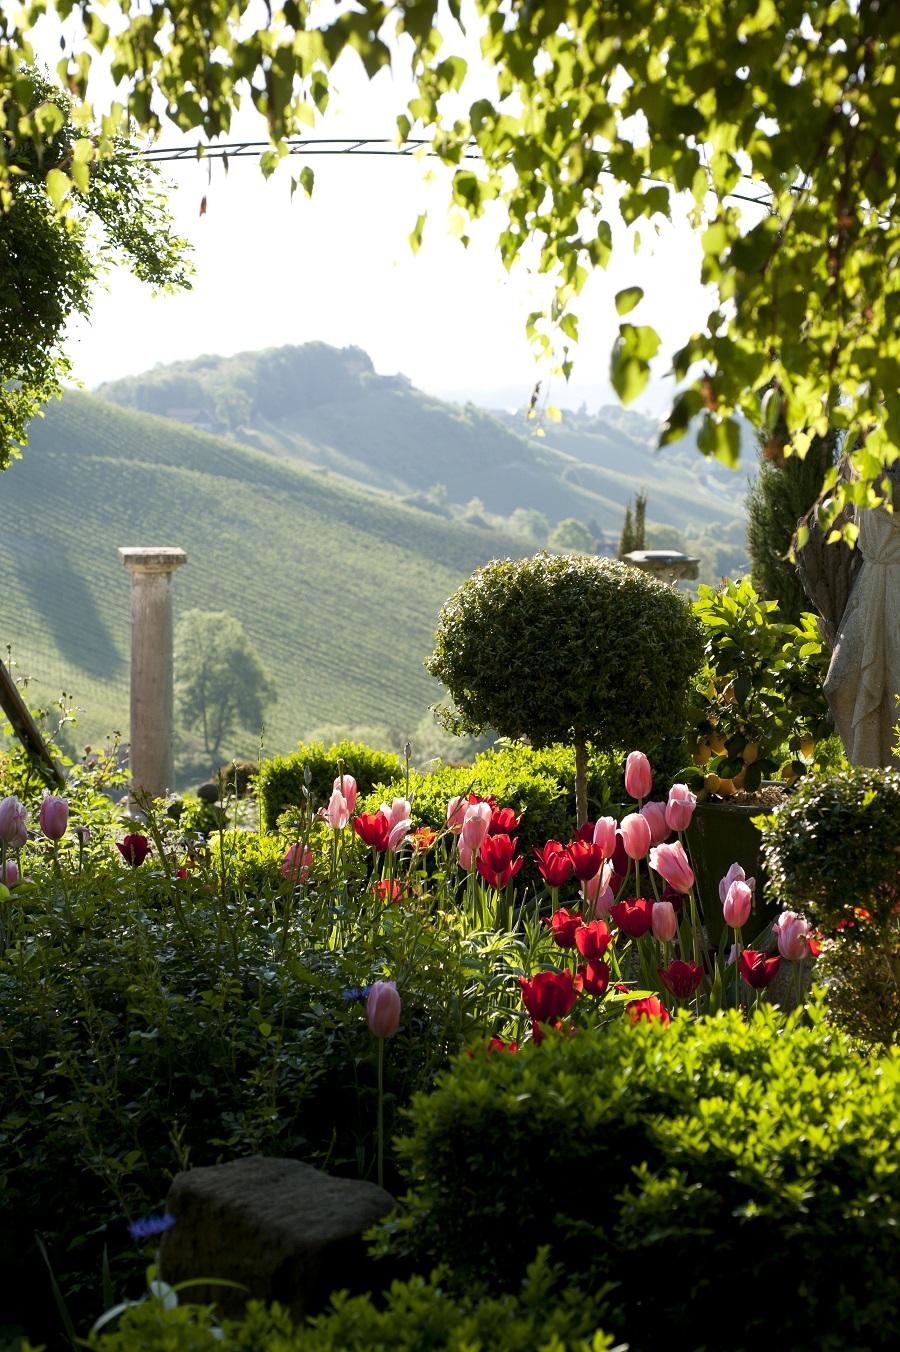 David-Tulpen - GartenCH - NaturLust 16 - NaturGarten Seite 26